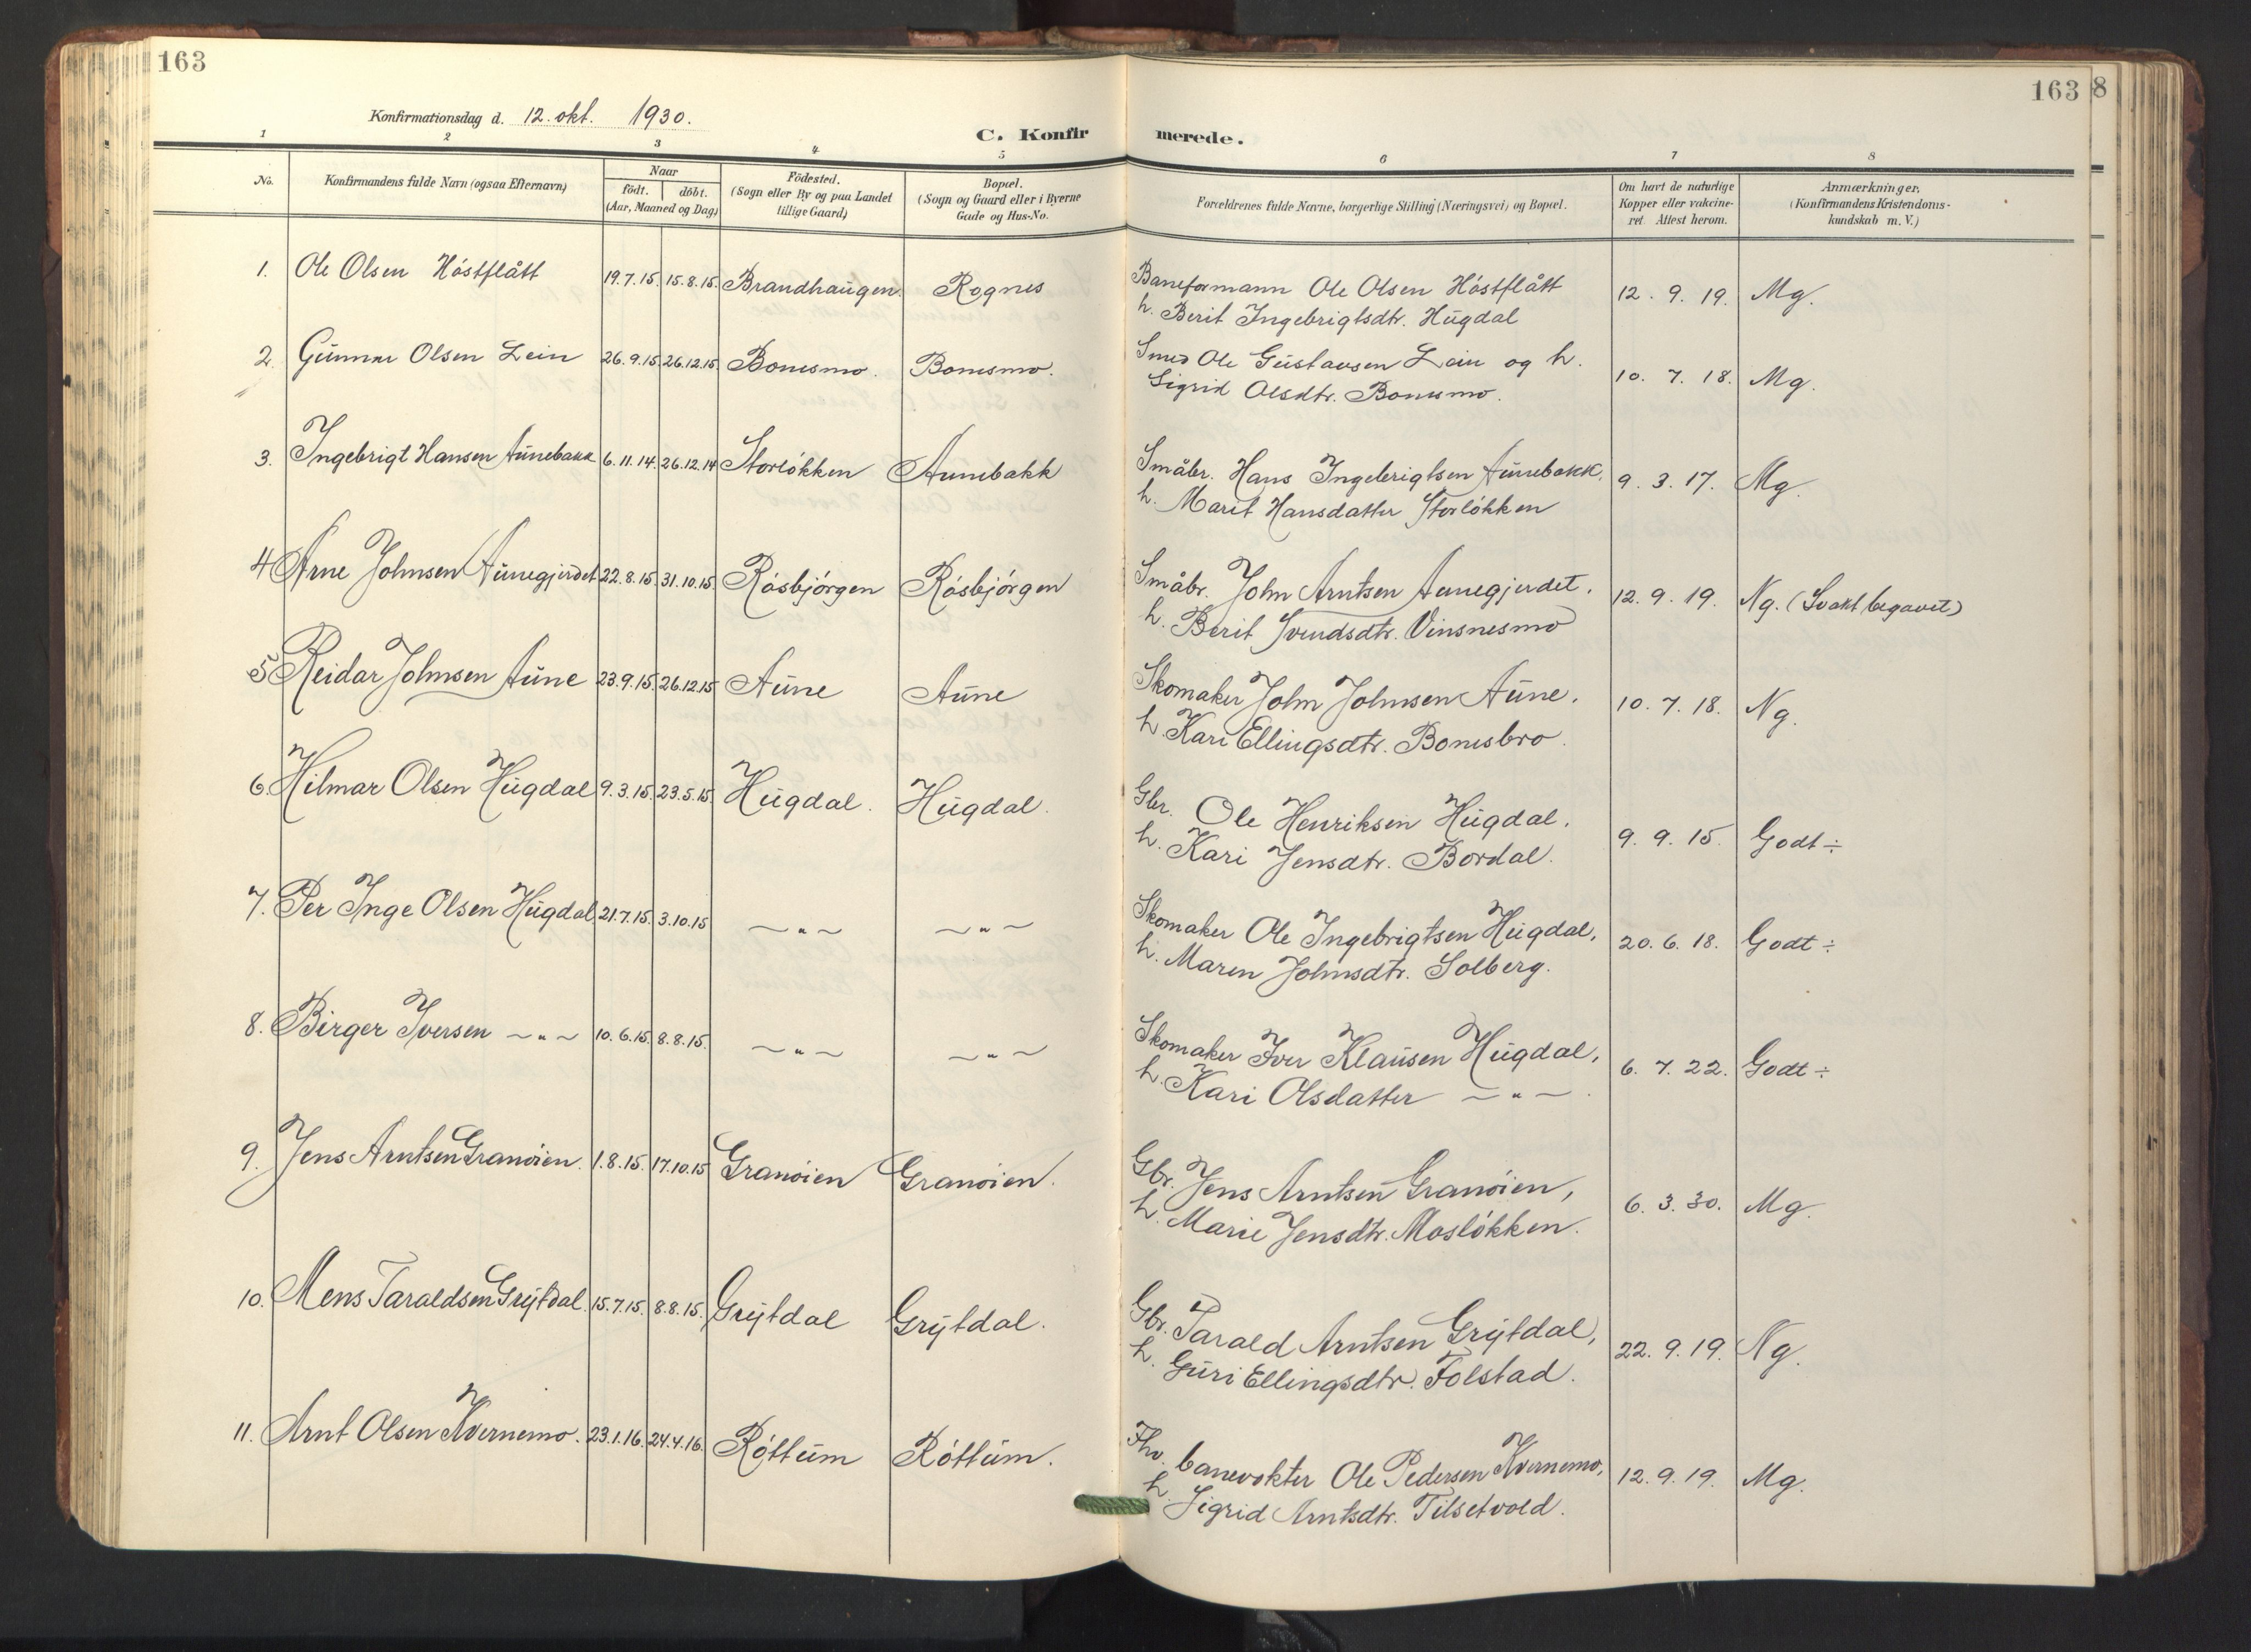 SAT, Ministerialprotokoller, klokkerbøker og fødselsregistre - Sør-Trøndelag, 687/L1019: Klokkerbok nr. 687C03, 1904-1931, s. 163